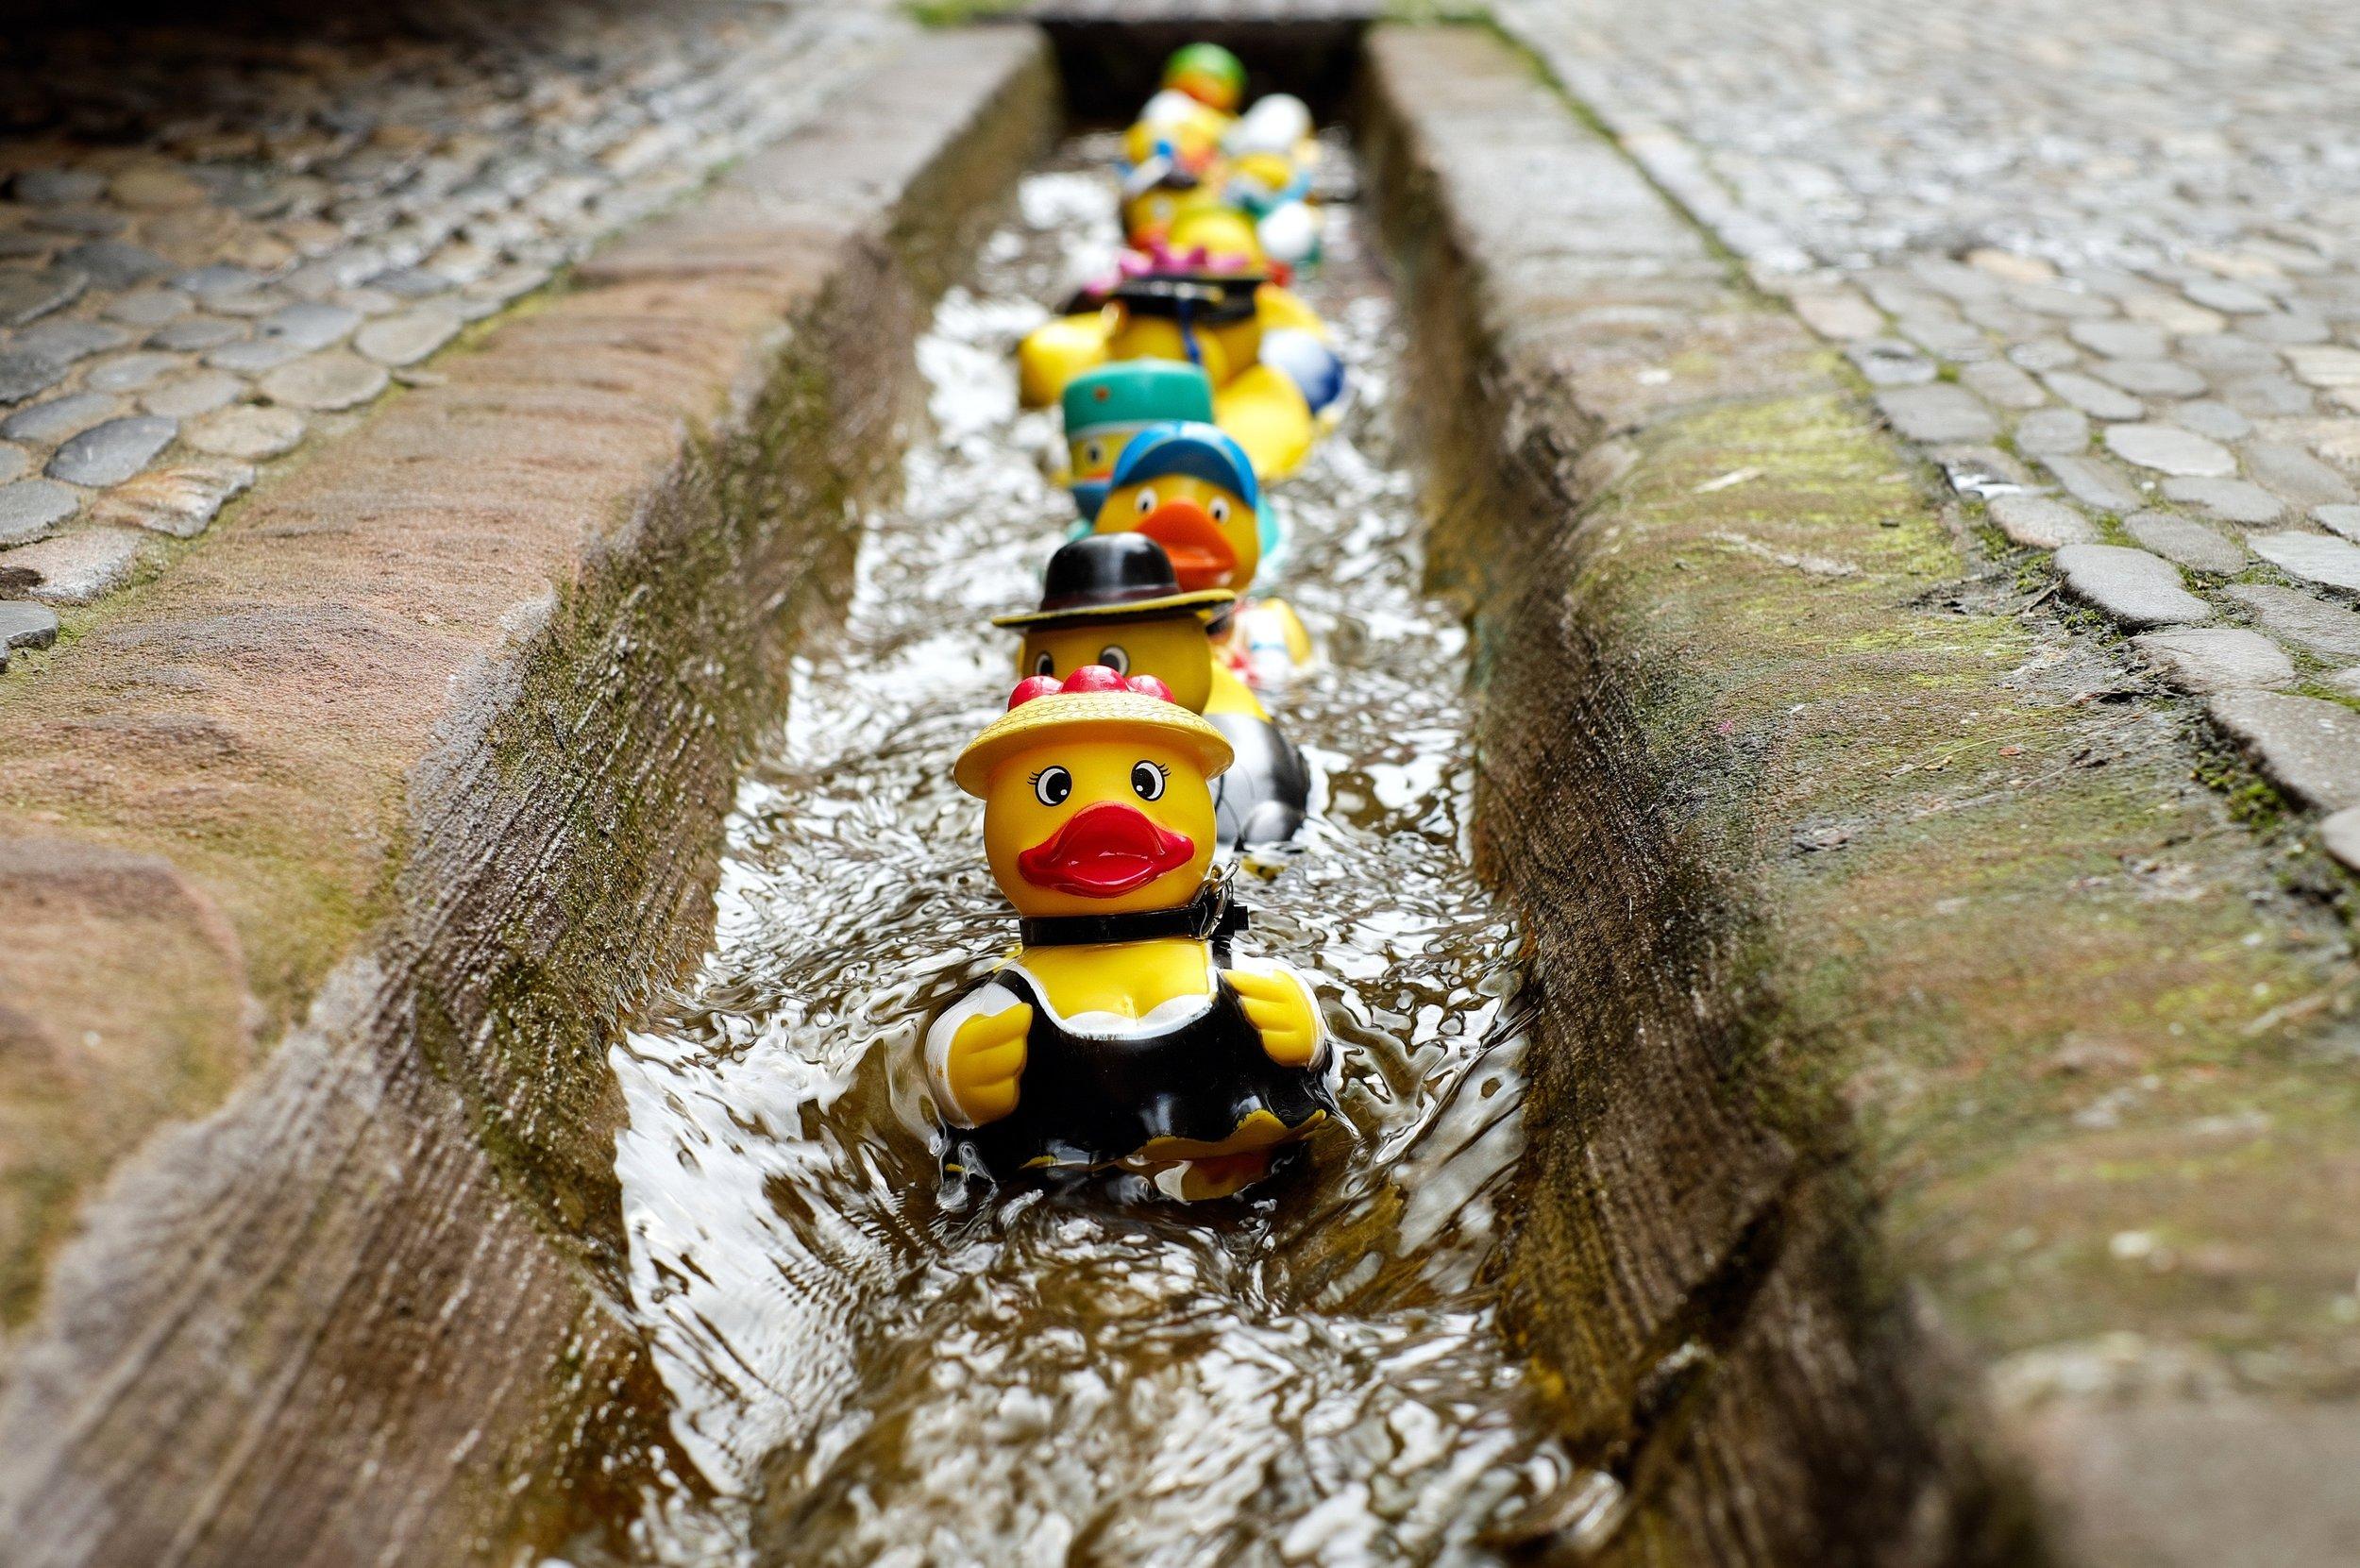 bath-ducks-blur-colorful-106144.jpg